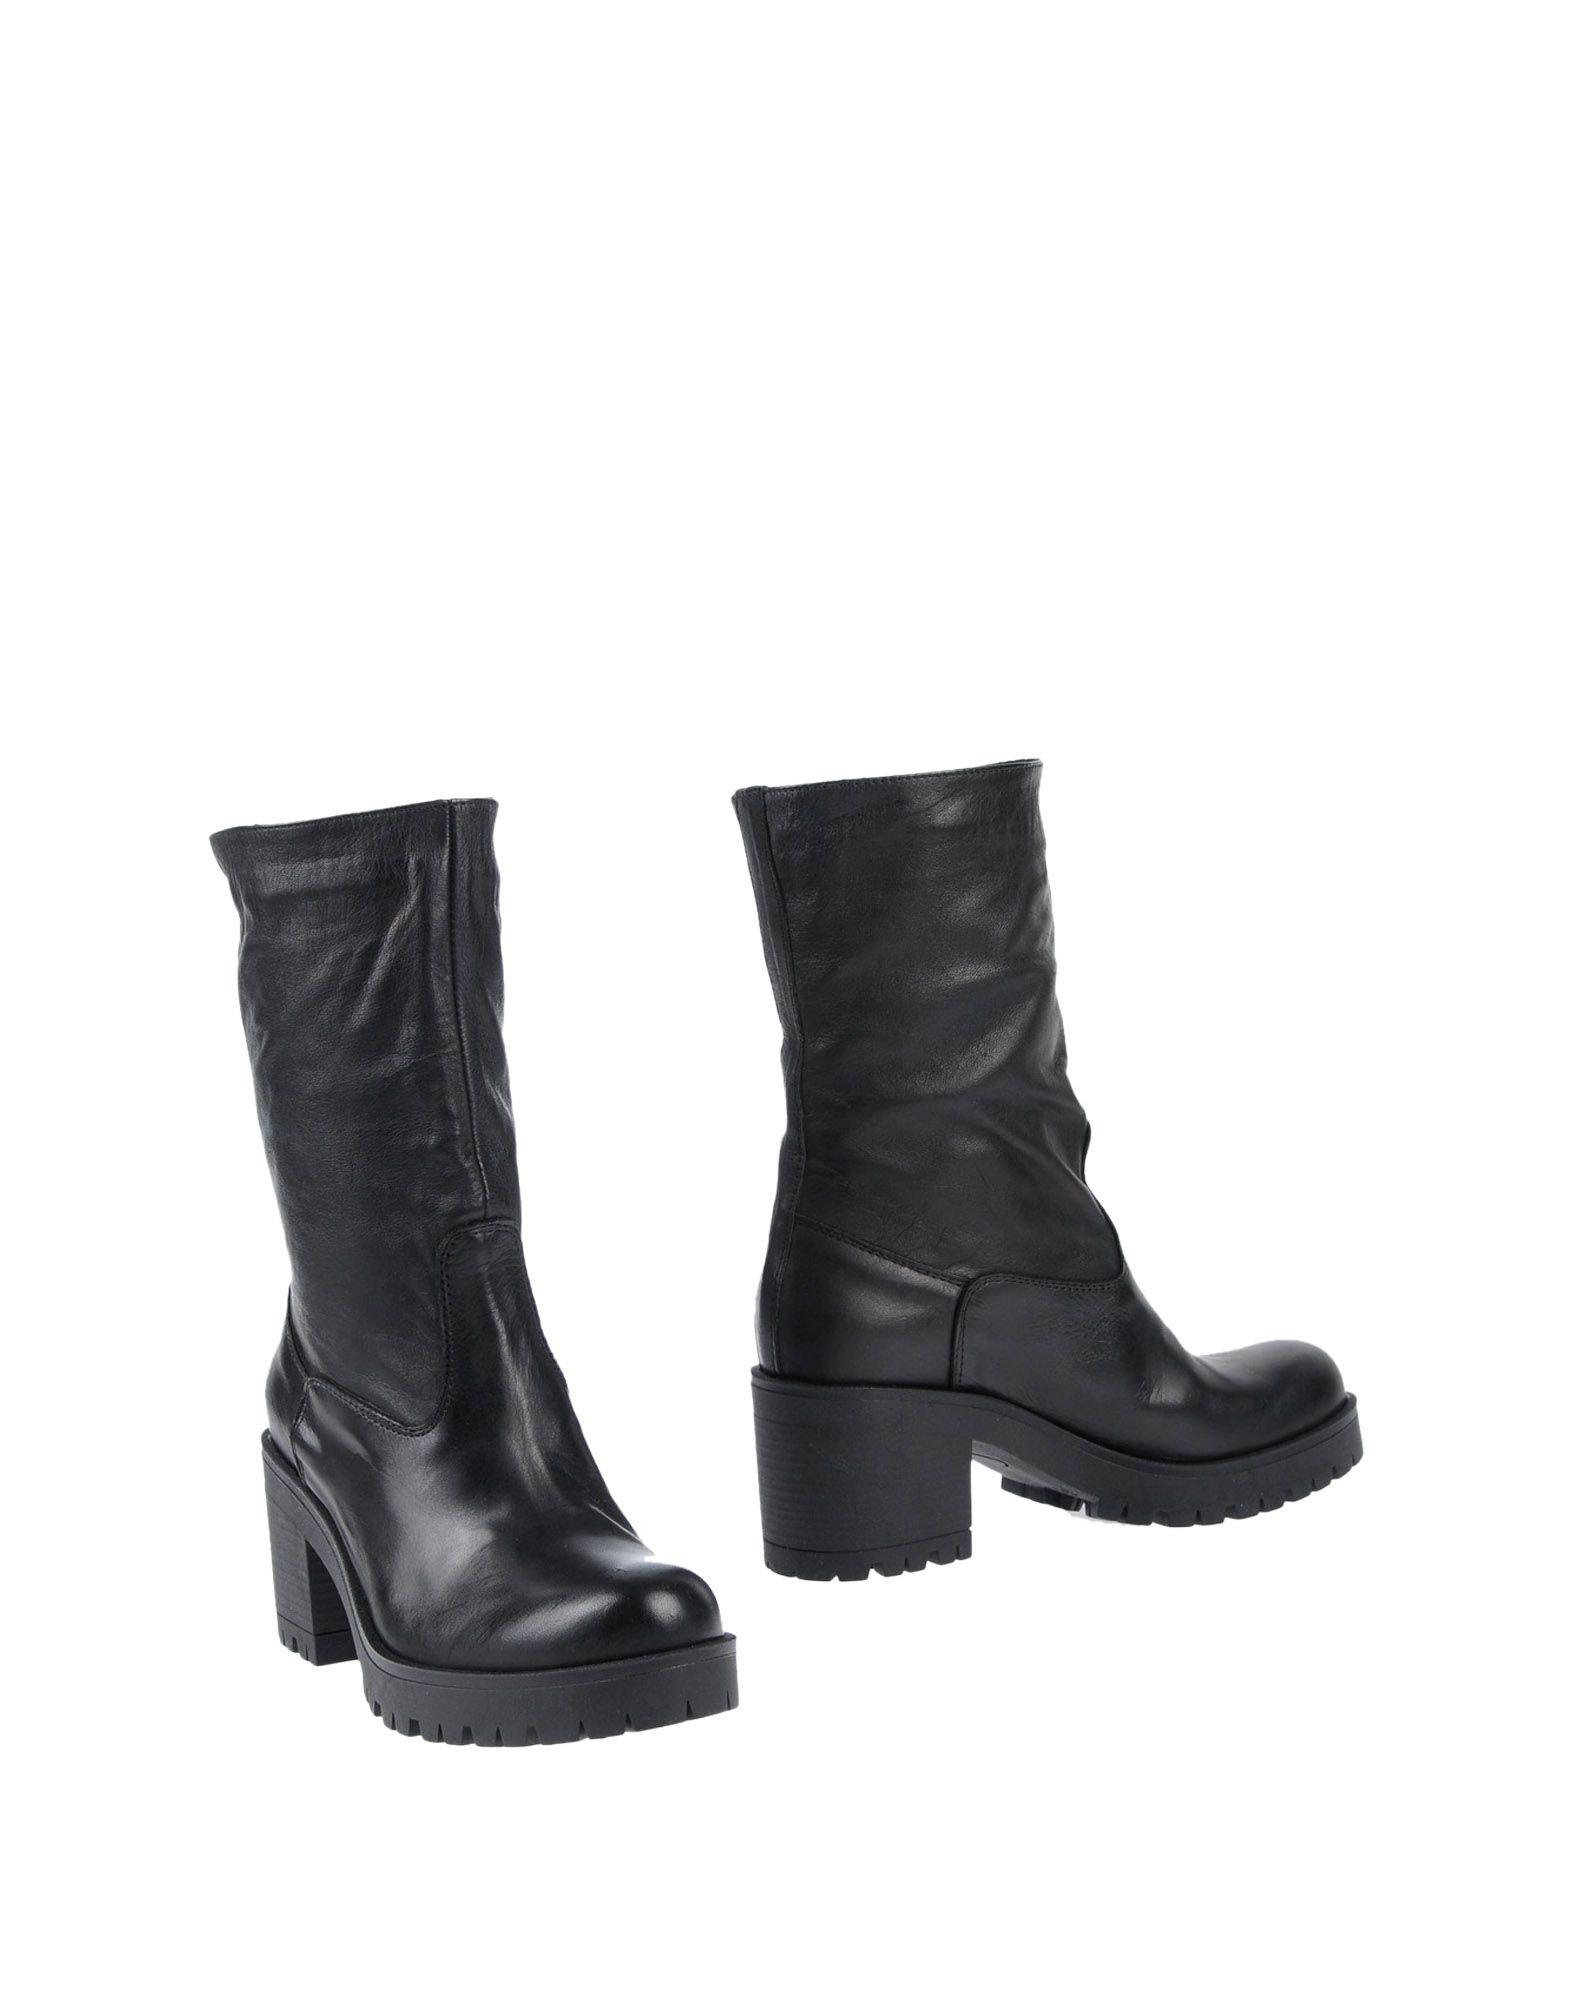 Unlace Stiefelette Gute Damen  11471270UI Gute Stiefelette Qualität beliebte Schuhe d92516